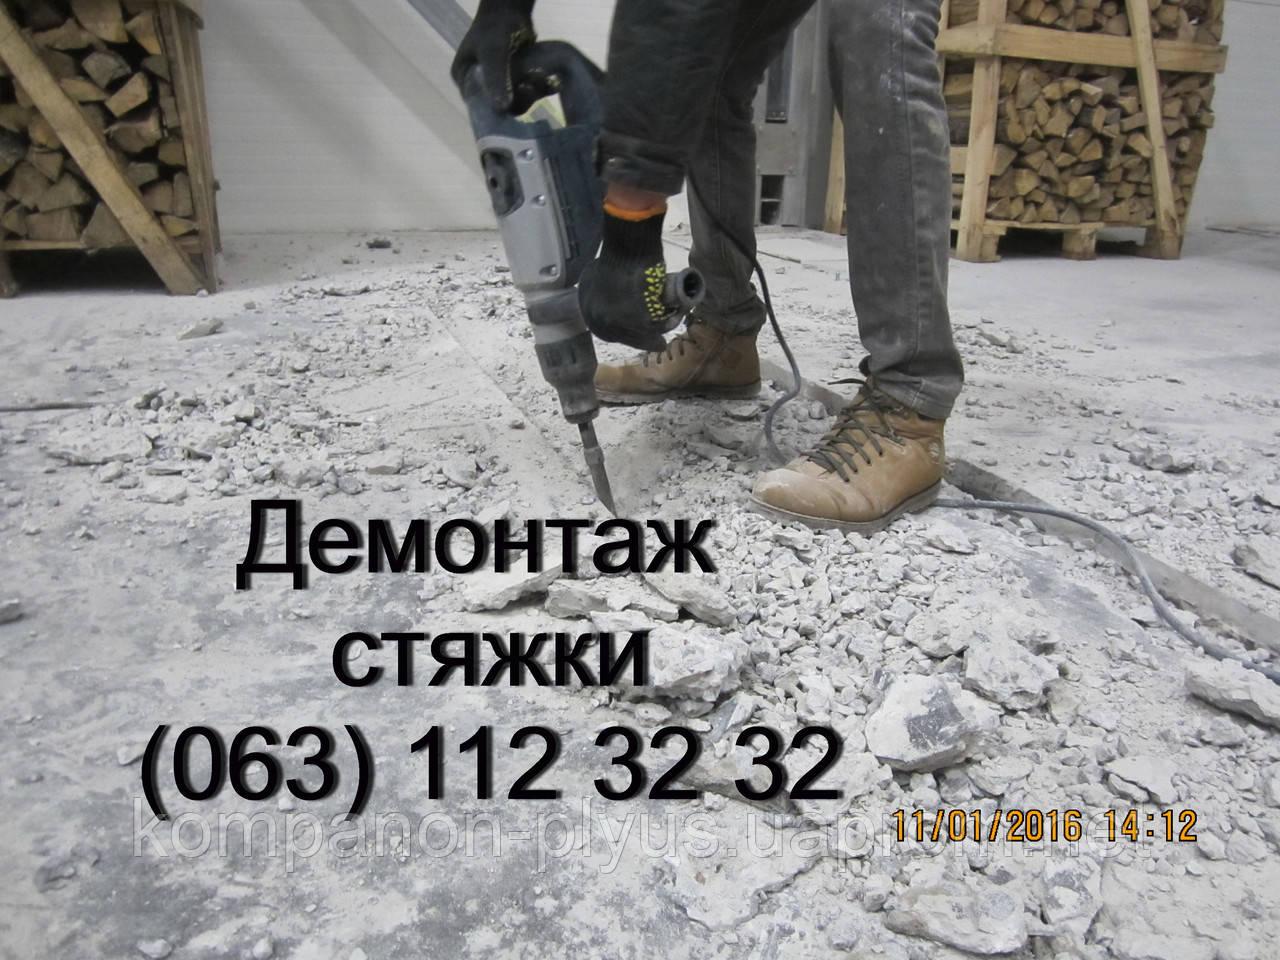 Демонтаж цементной стяжки (063) 112 32 32